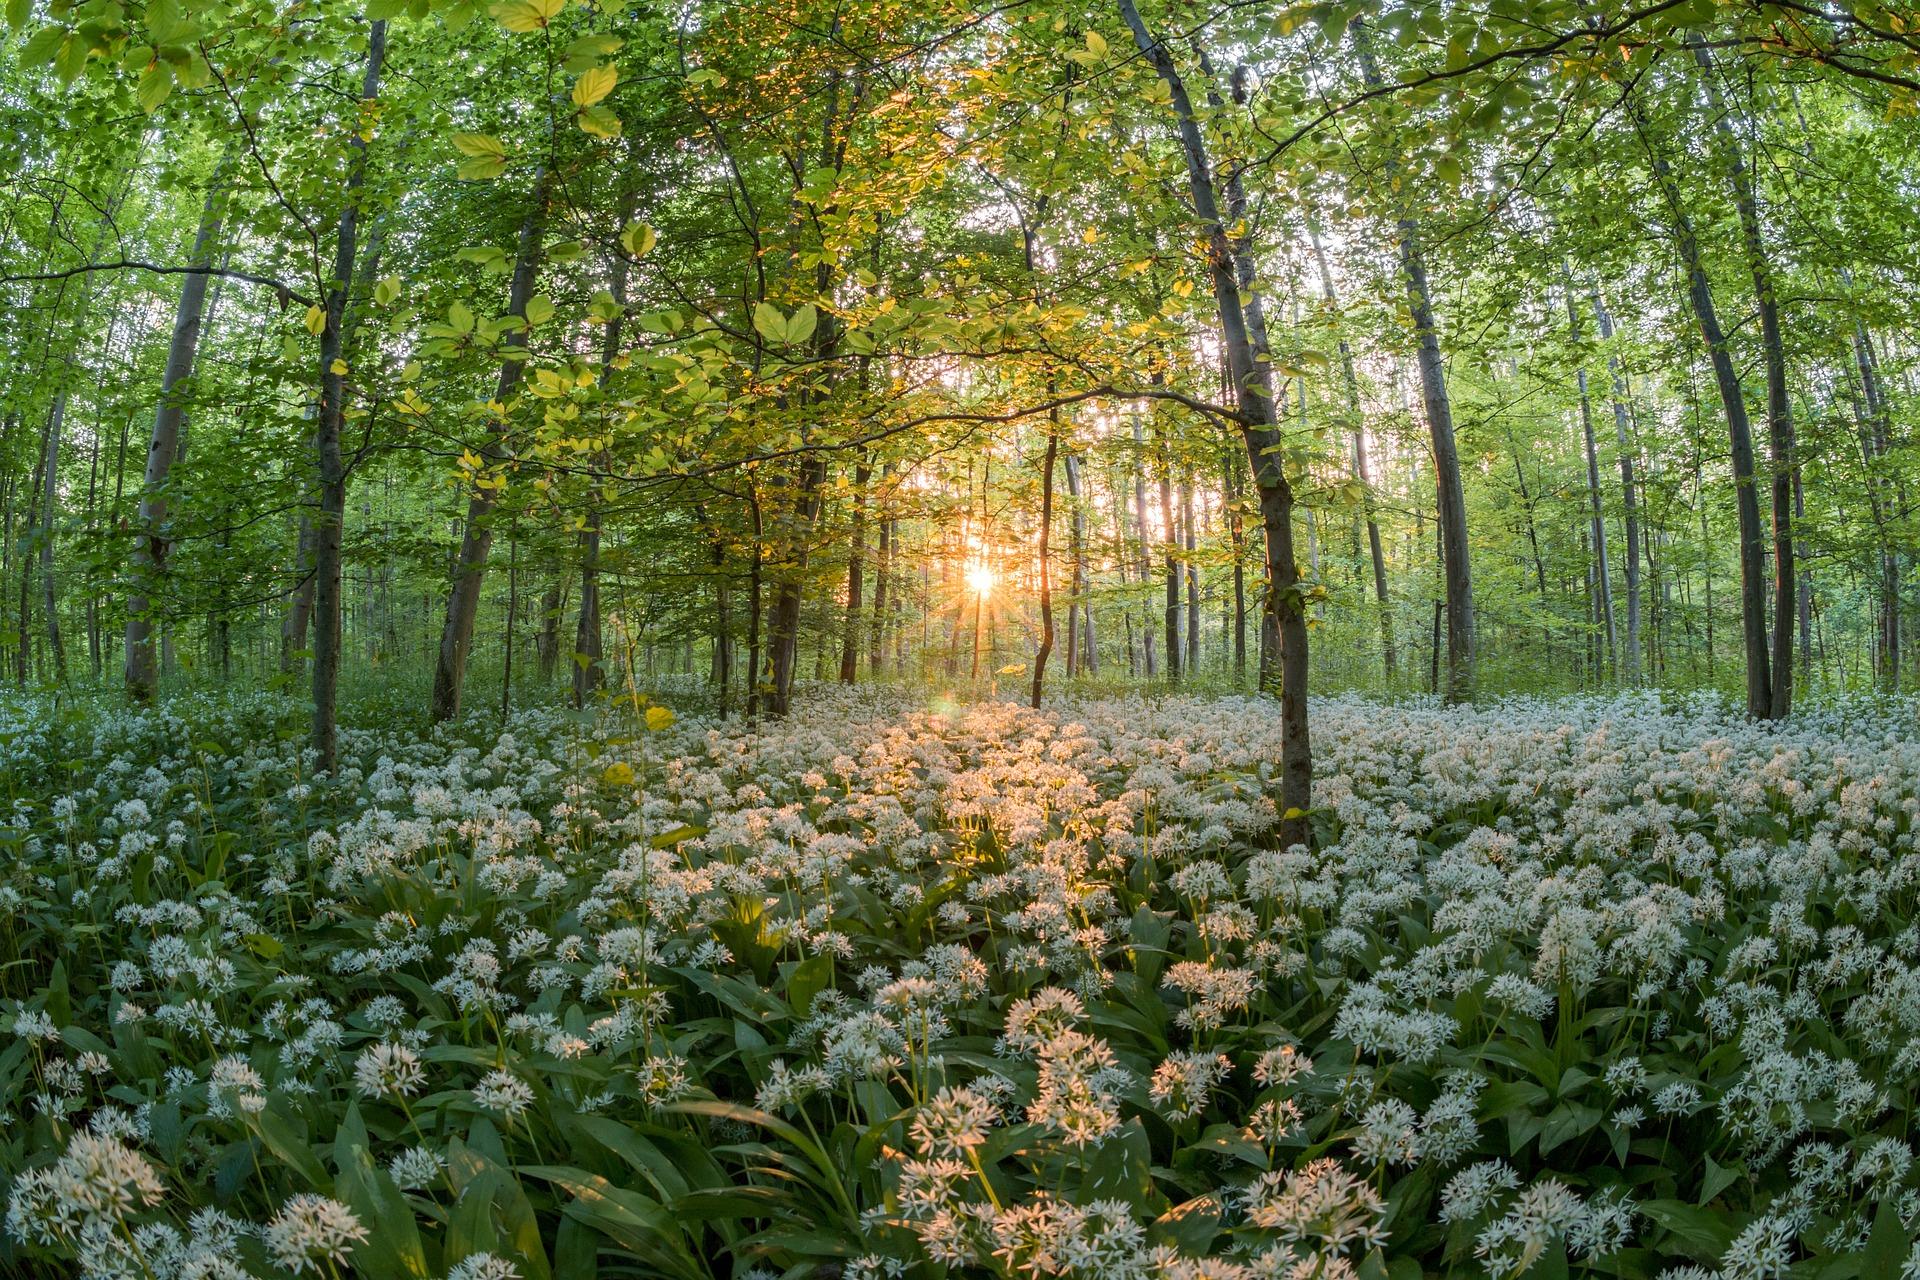 virágzó medvehagyma rét az erdőben